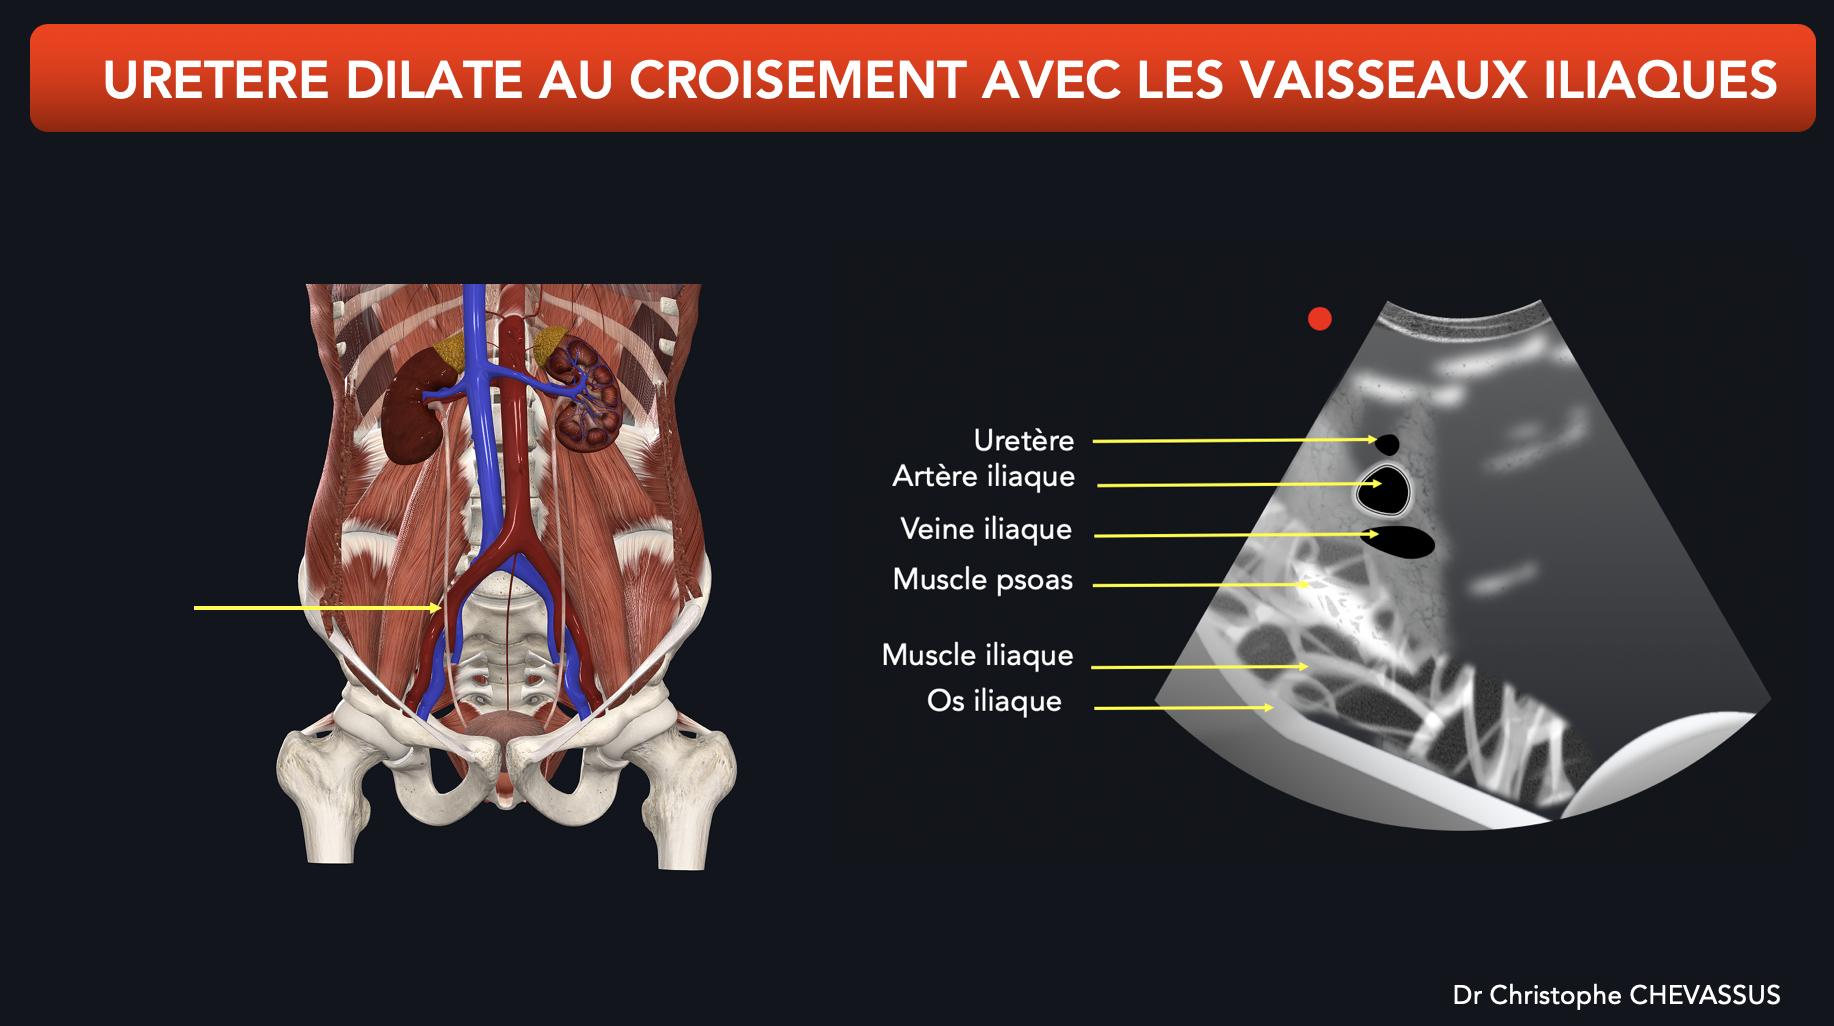 Dilatation urétérale au croisement avec les vaisseaux iliaques